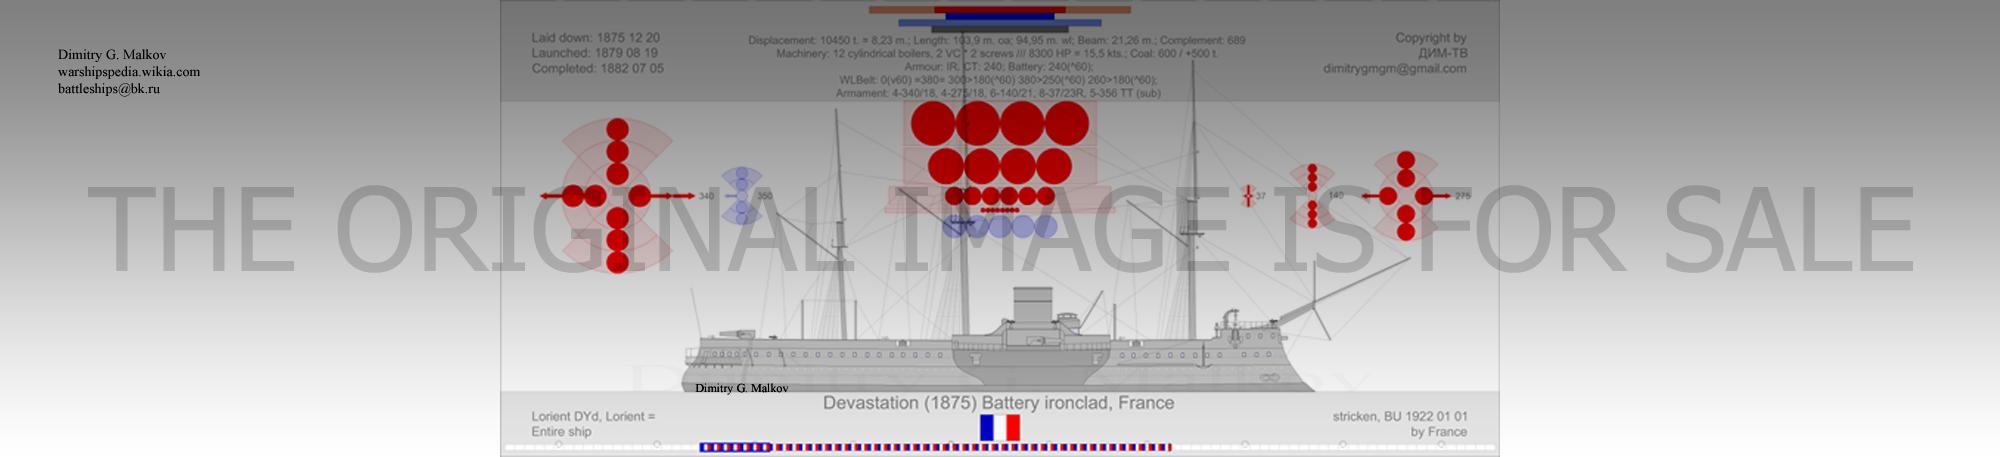 Mes dessins des navires francais - Page 11 Bo-18712